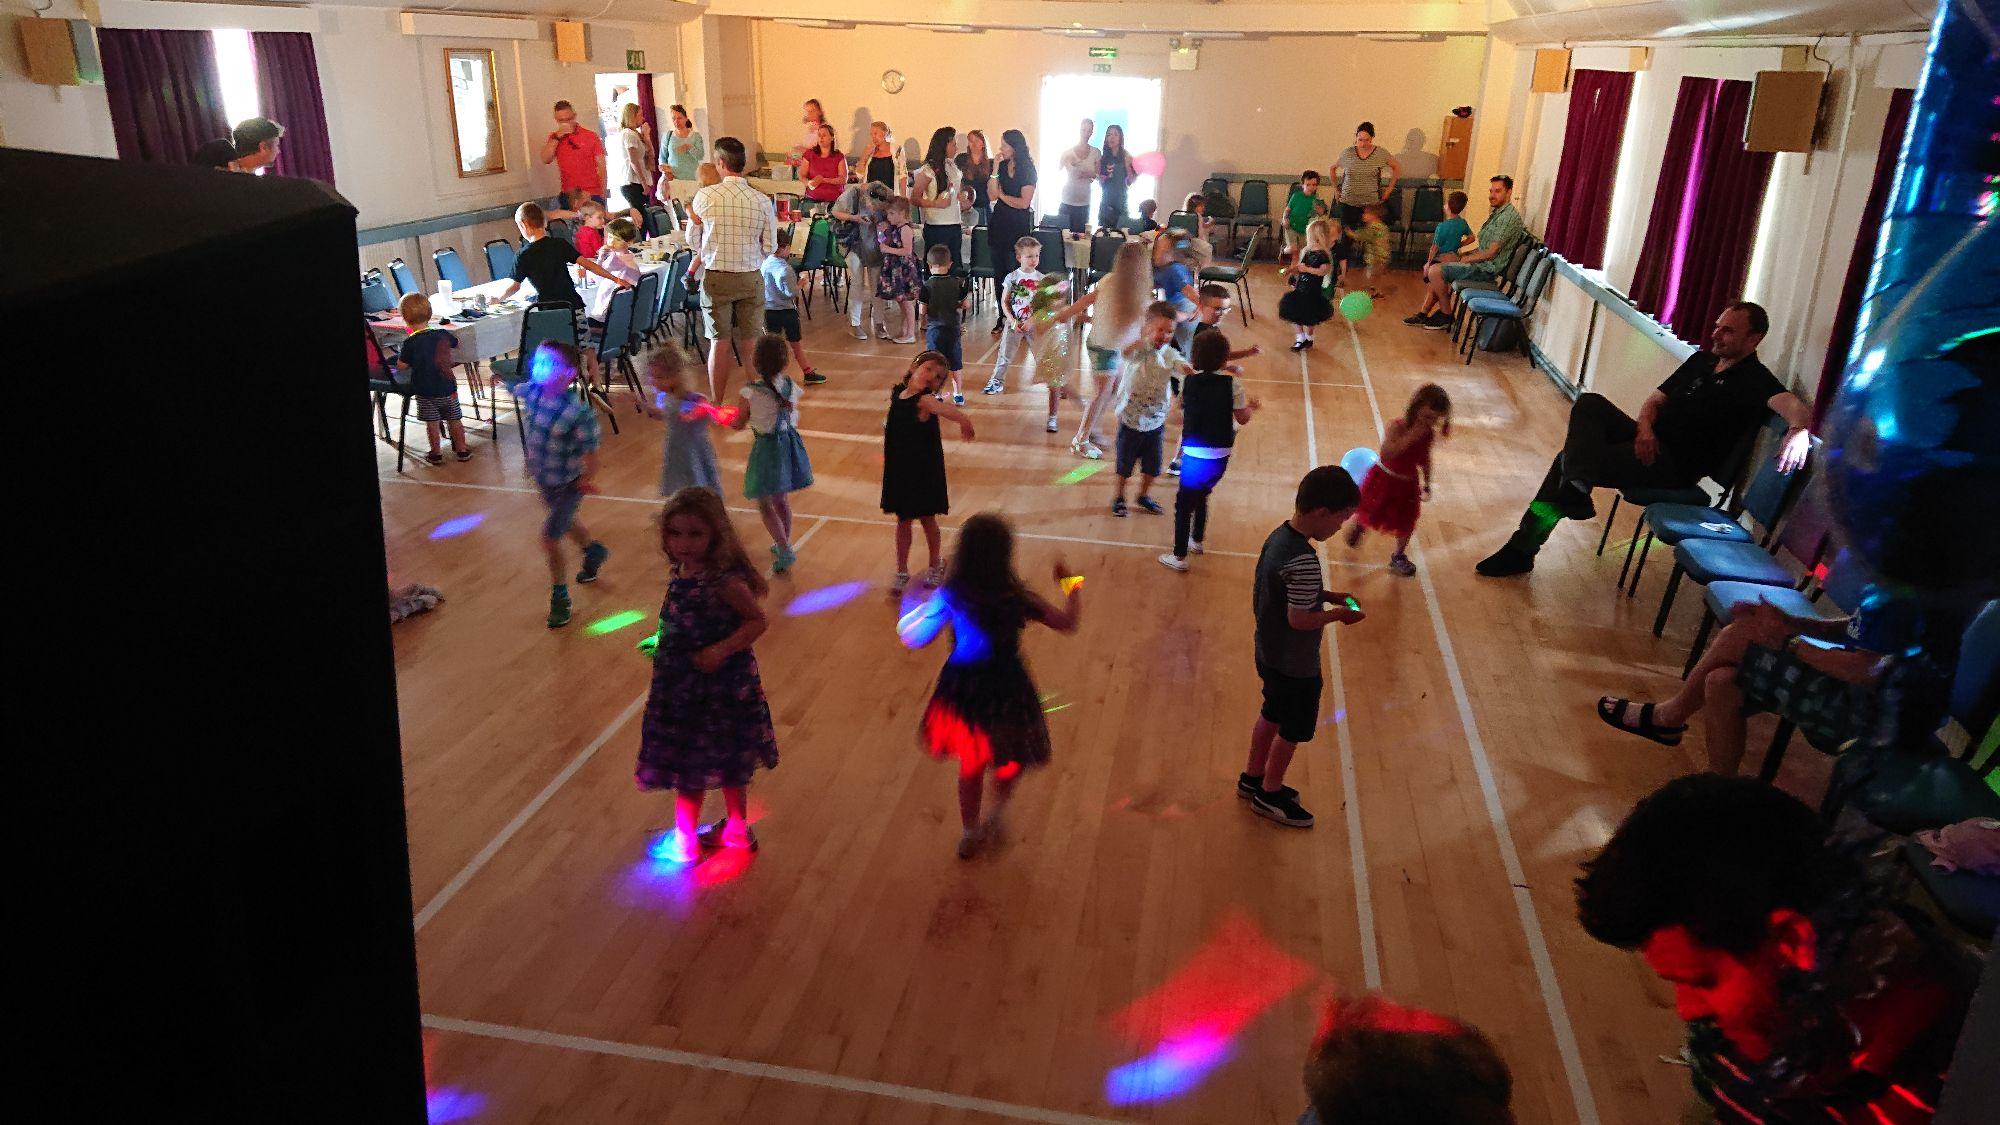 children's party village hall 1